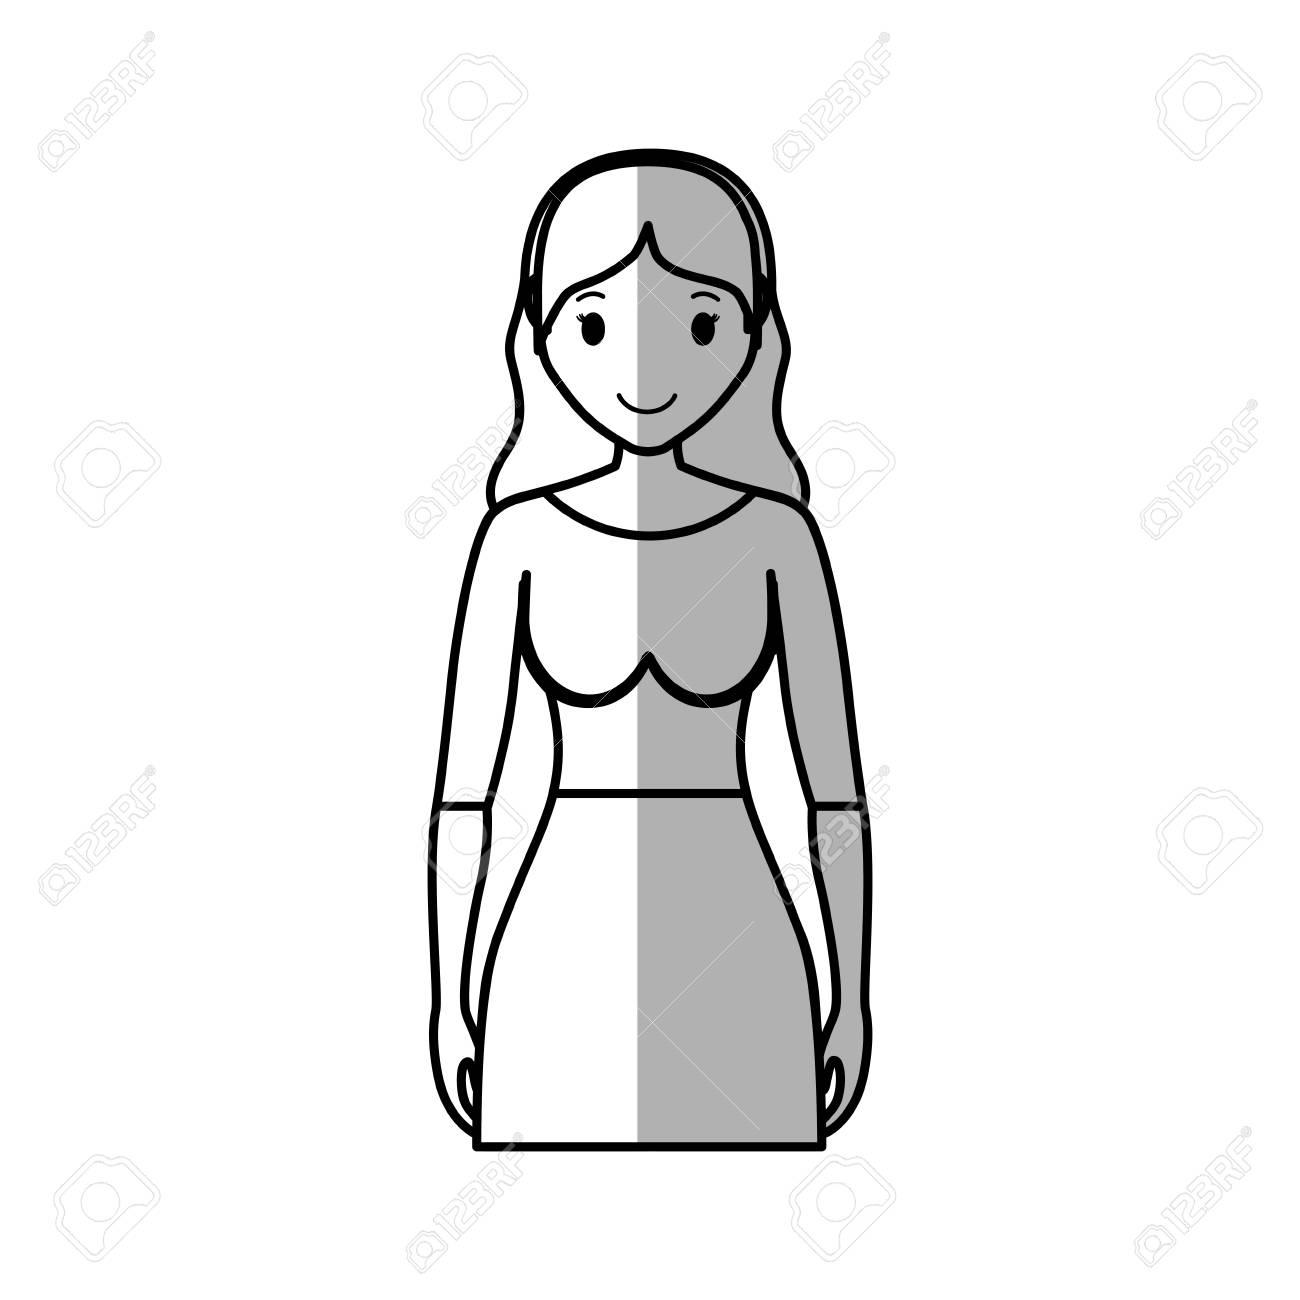 d7805a341 Foto de archivo - Mujer vestida con ropa casual icono de dibujos animados  sobre fondo blanco. ilustración vectorial